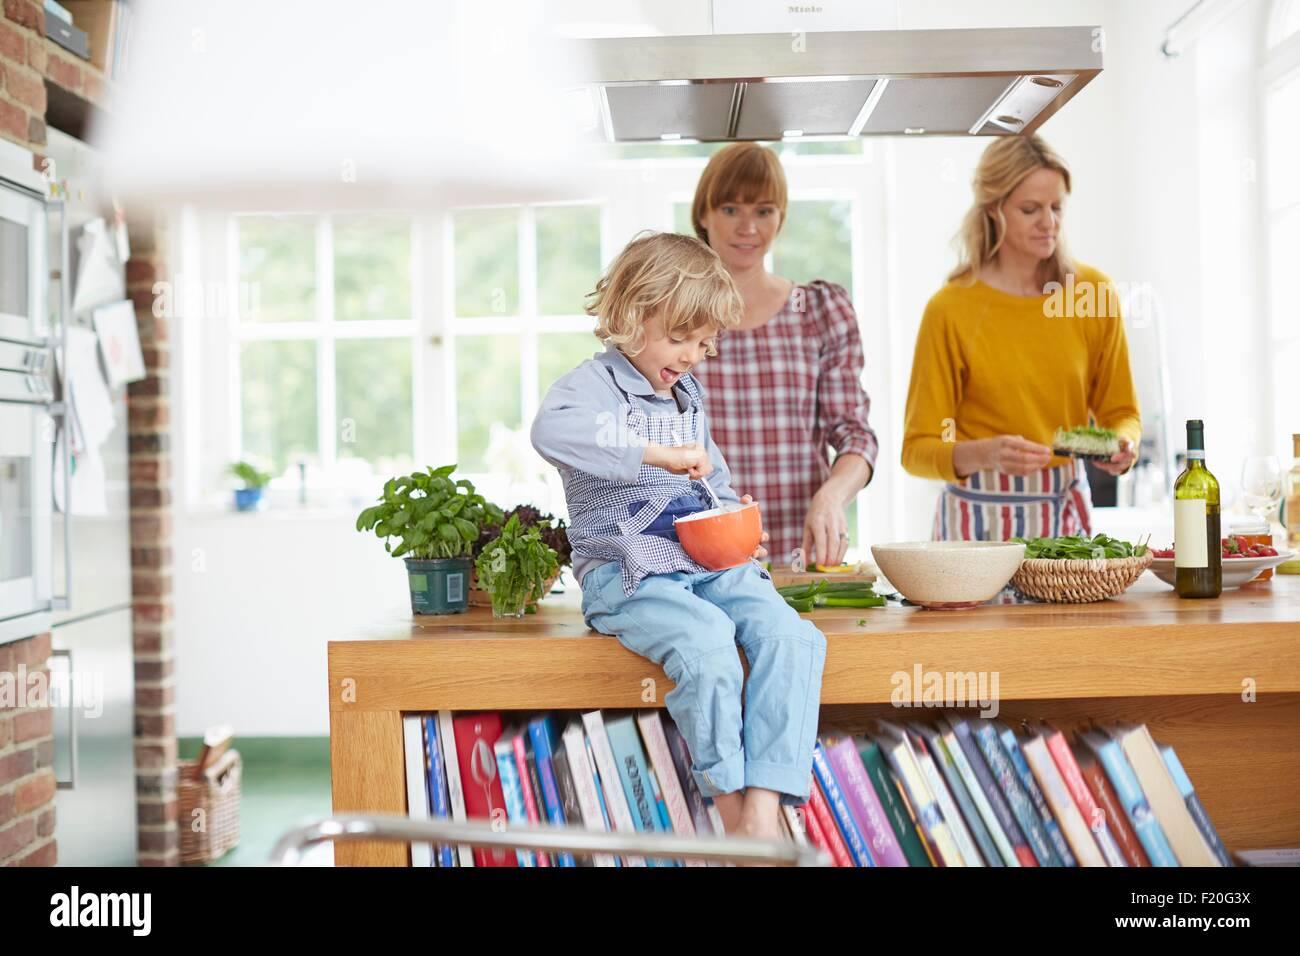 La préparation de repas en cuisine femmes Photo Stock